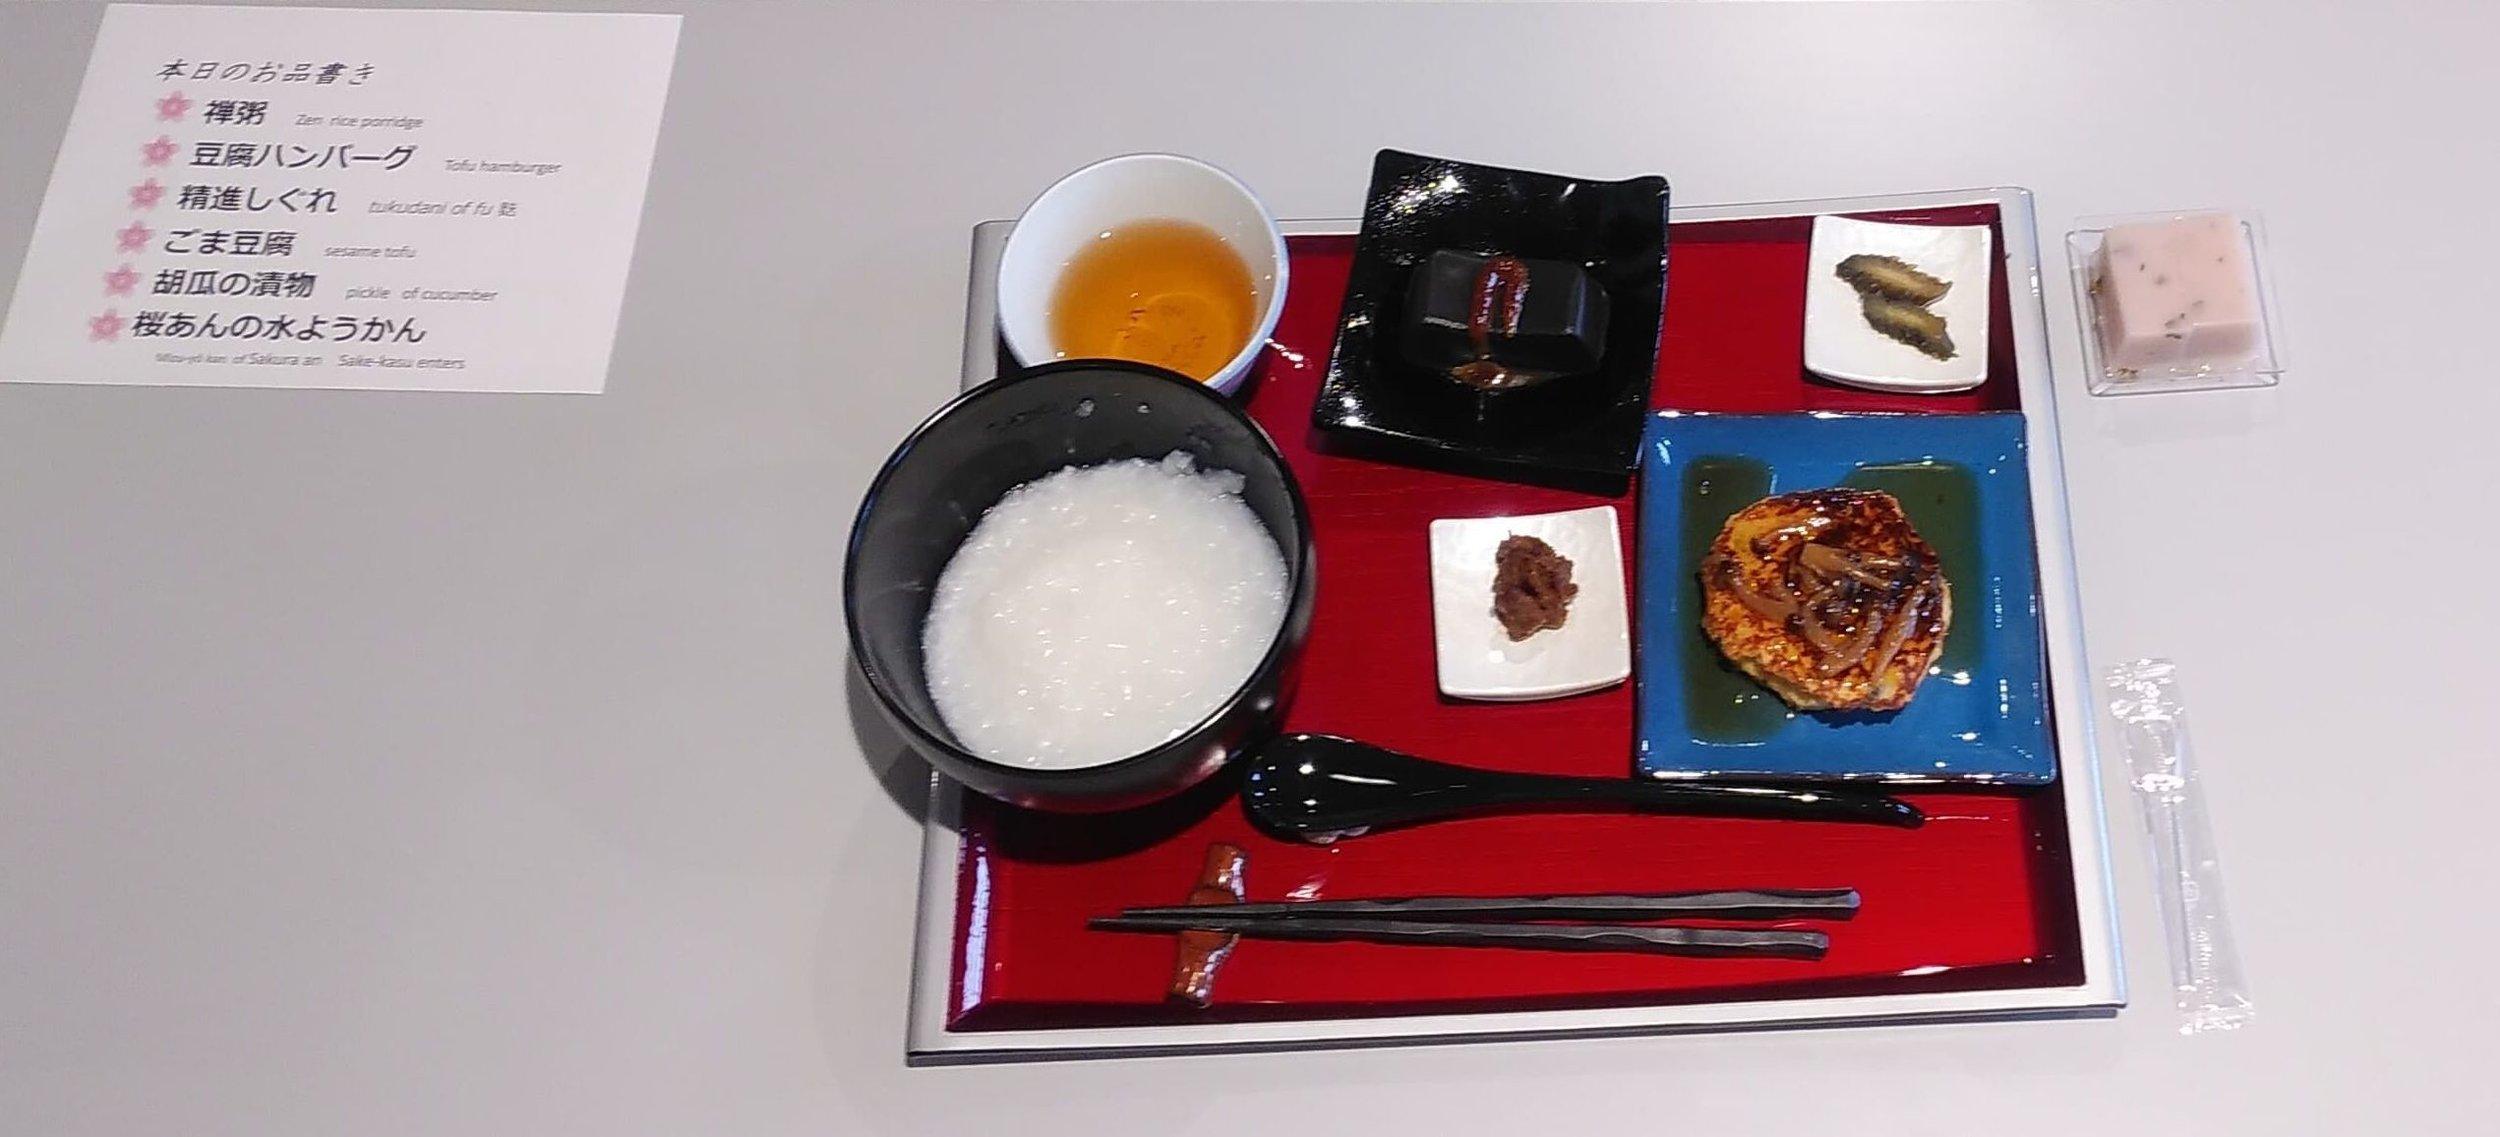 えい坊館スペシャル精進料理のメニュー / Eiboukan's special Shojin-ryouri menu